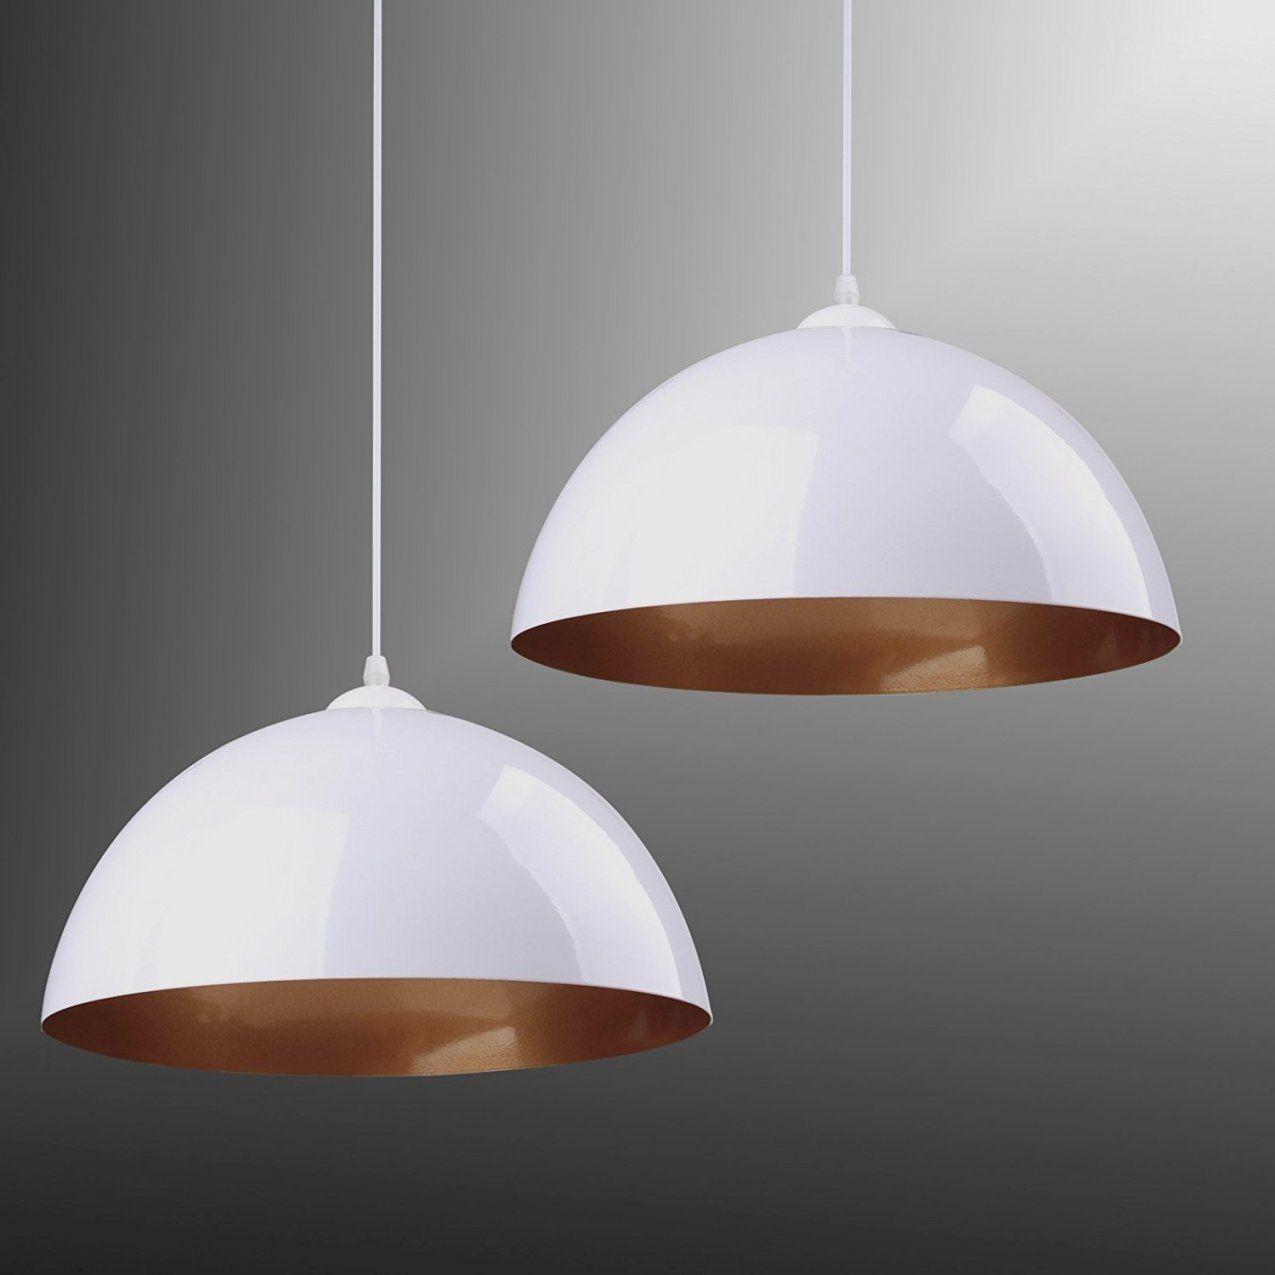 lampe kupferfarben splendid design inspiration 13 formlight kupfer lampe designer unbekannt. Black Bedroom Furniture Sets. Home Design Ideas